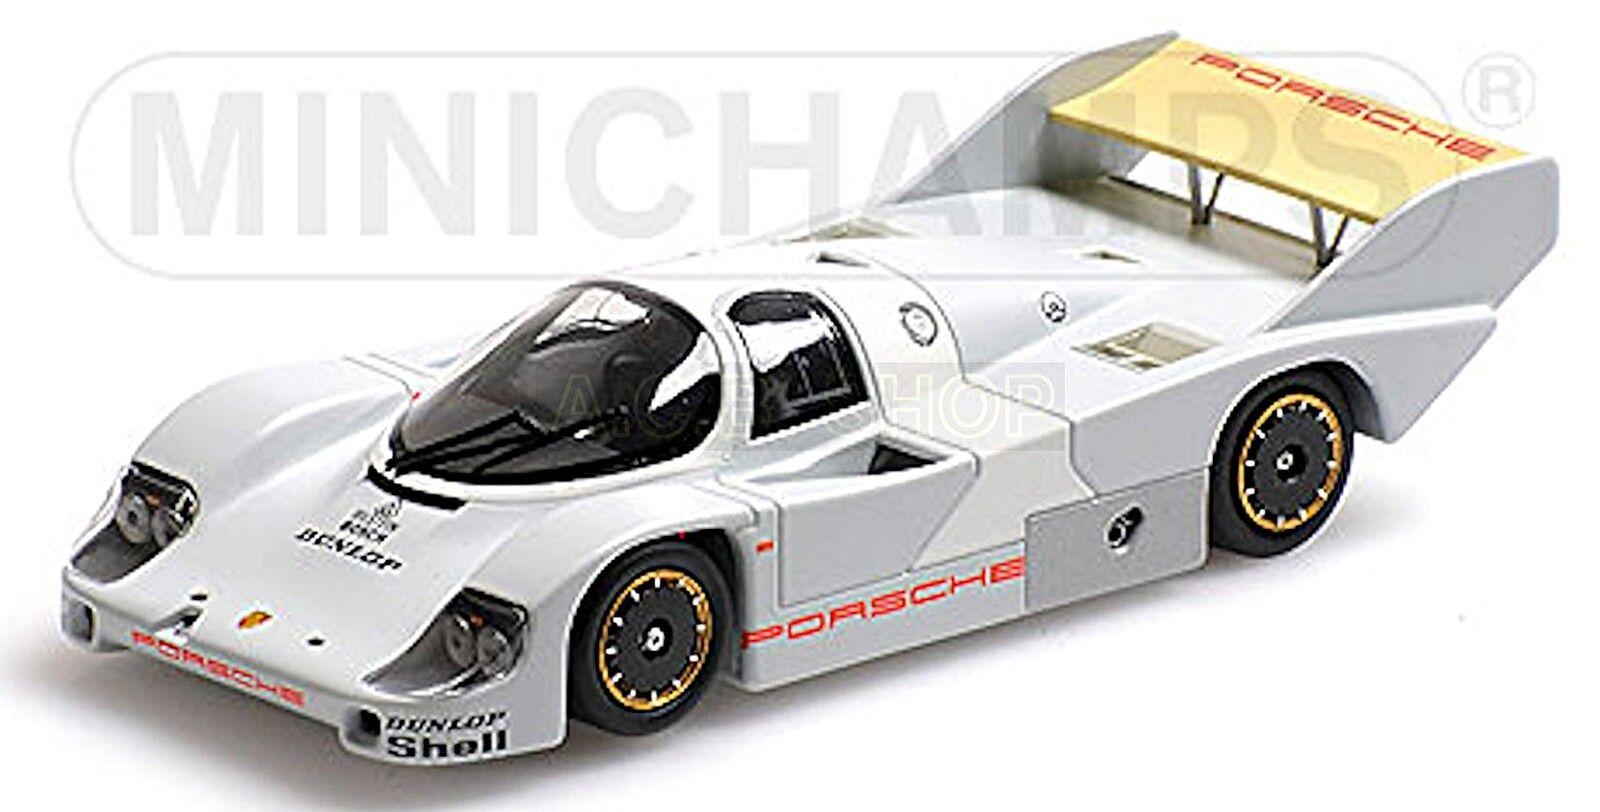 Porsche 956k Déploiement Version 1982 - 1 43 Minichamps